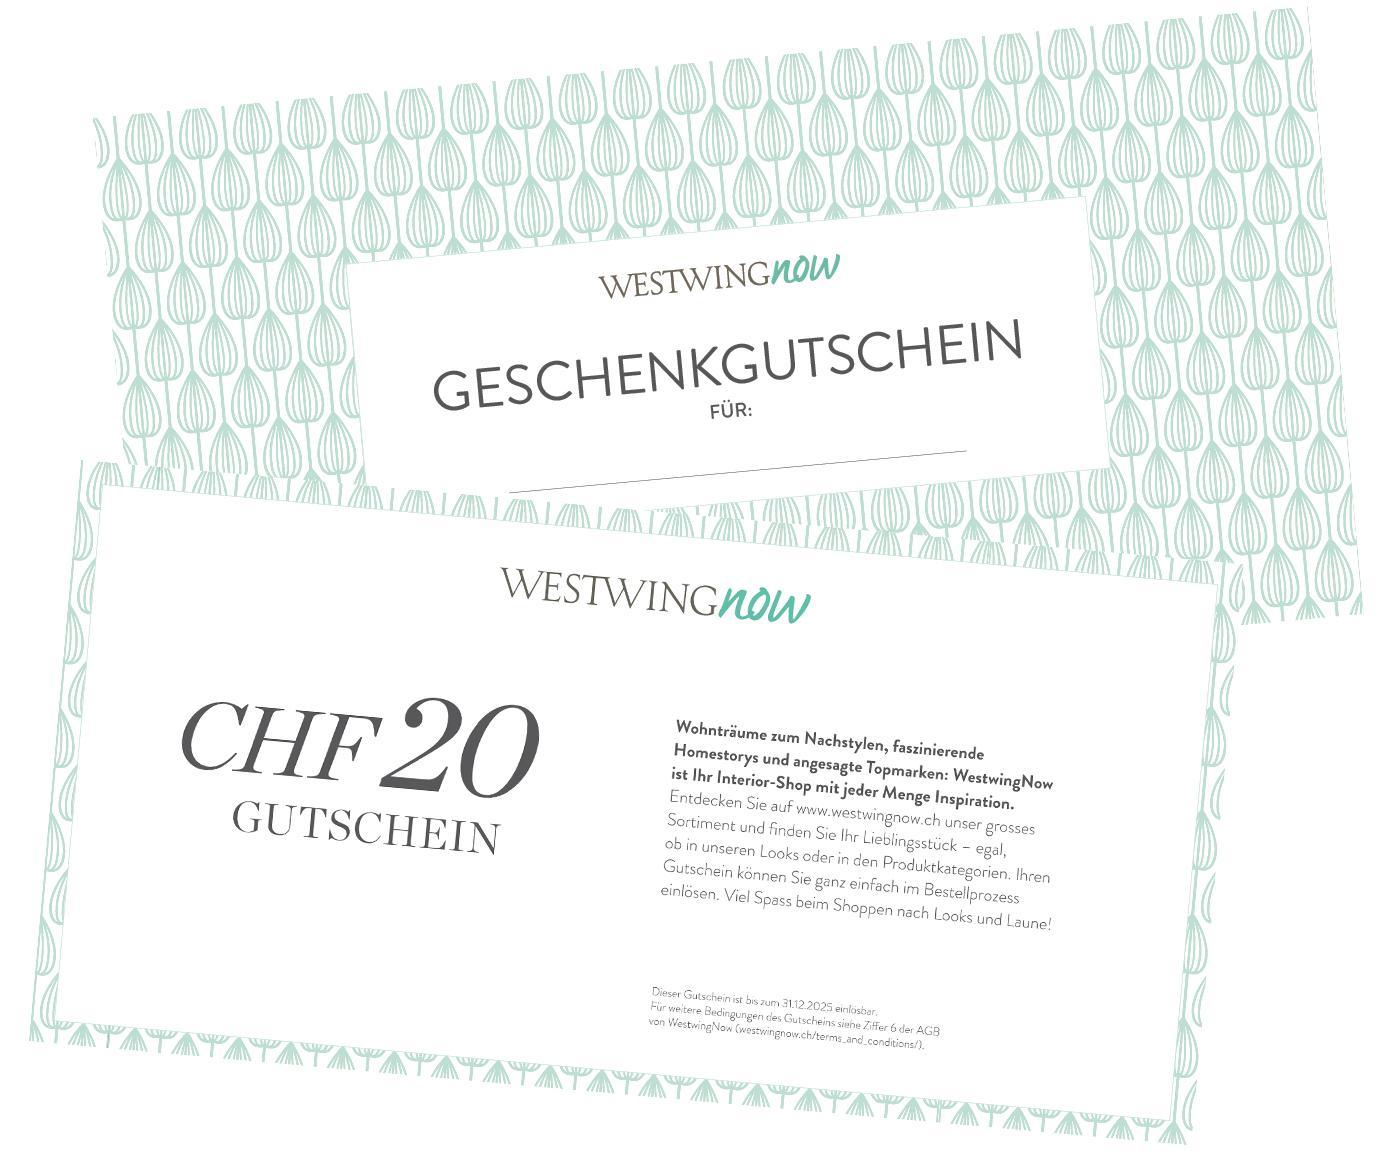 Gutscheinkarte, Gutschein auf edlem Papier, in hochwertigem Kuvert, Mehrfarbig, 20